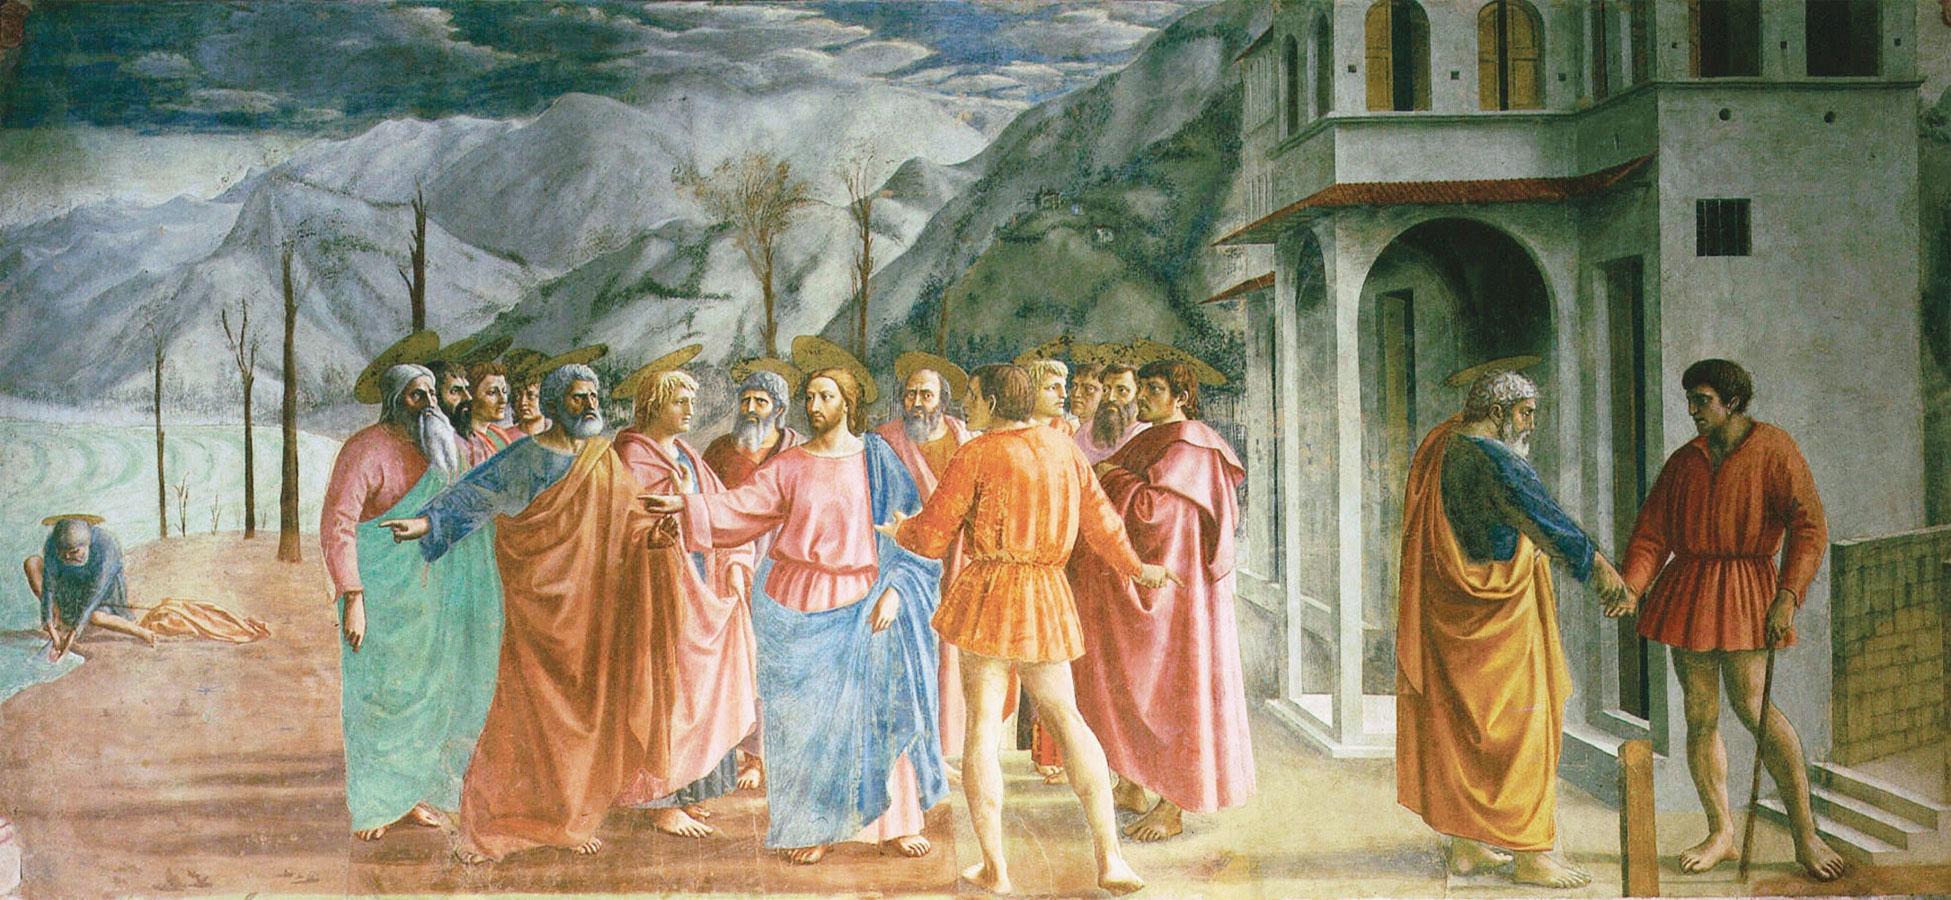 Pagamento del Tributo - Masaccio - Affresco